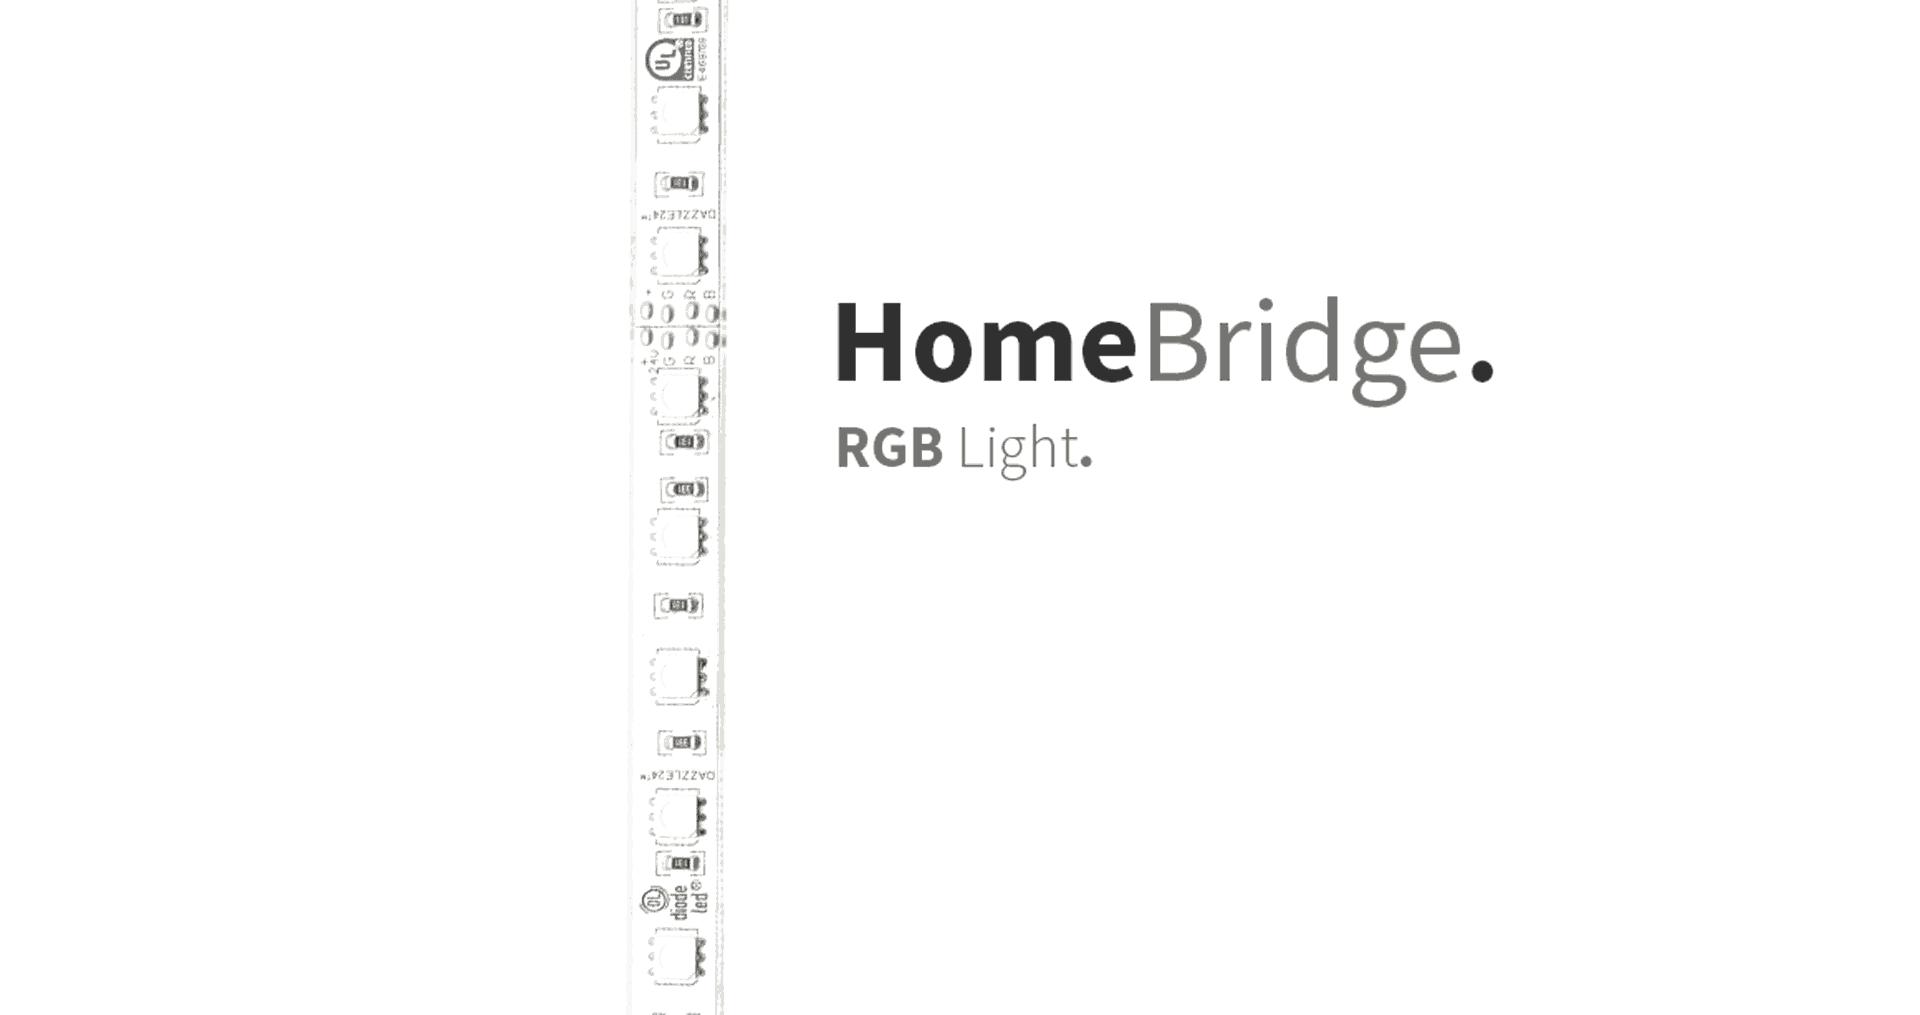 HomeBridge – RGB Light